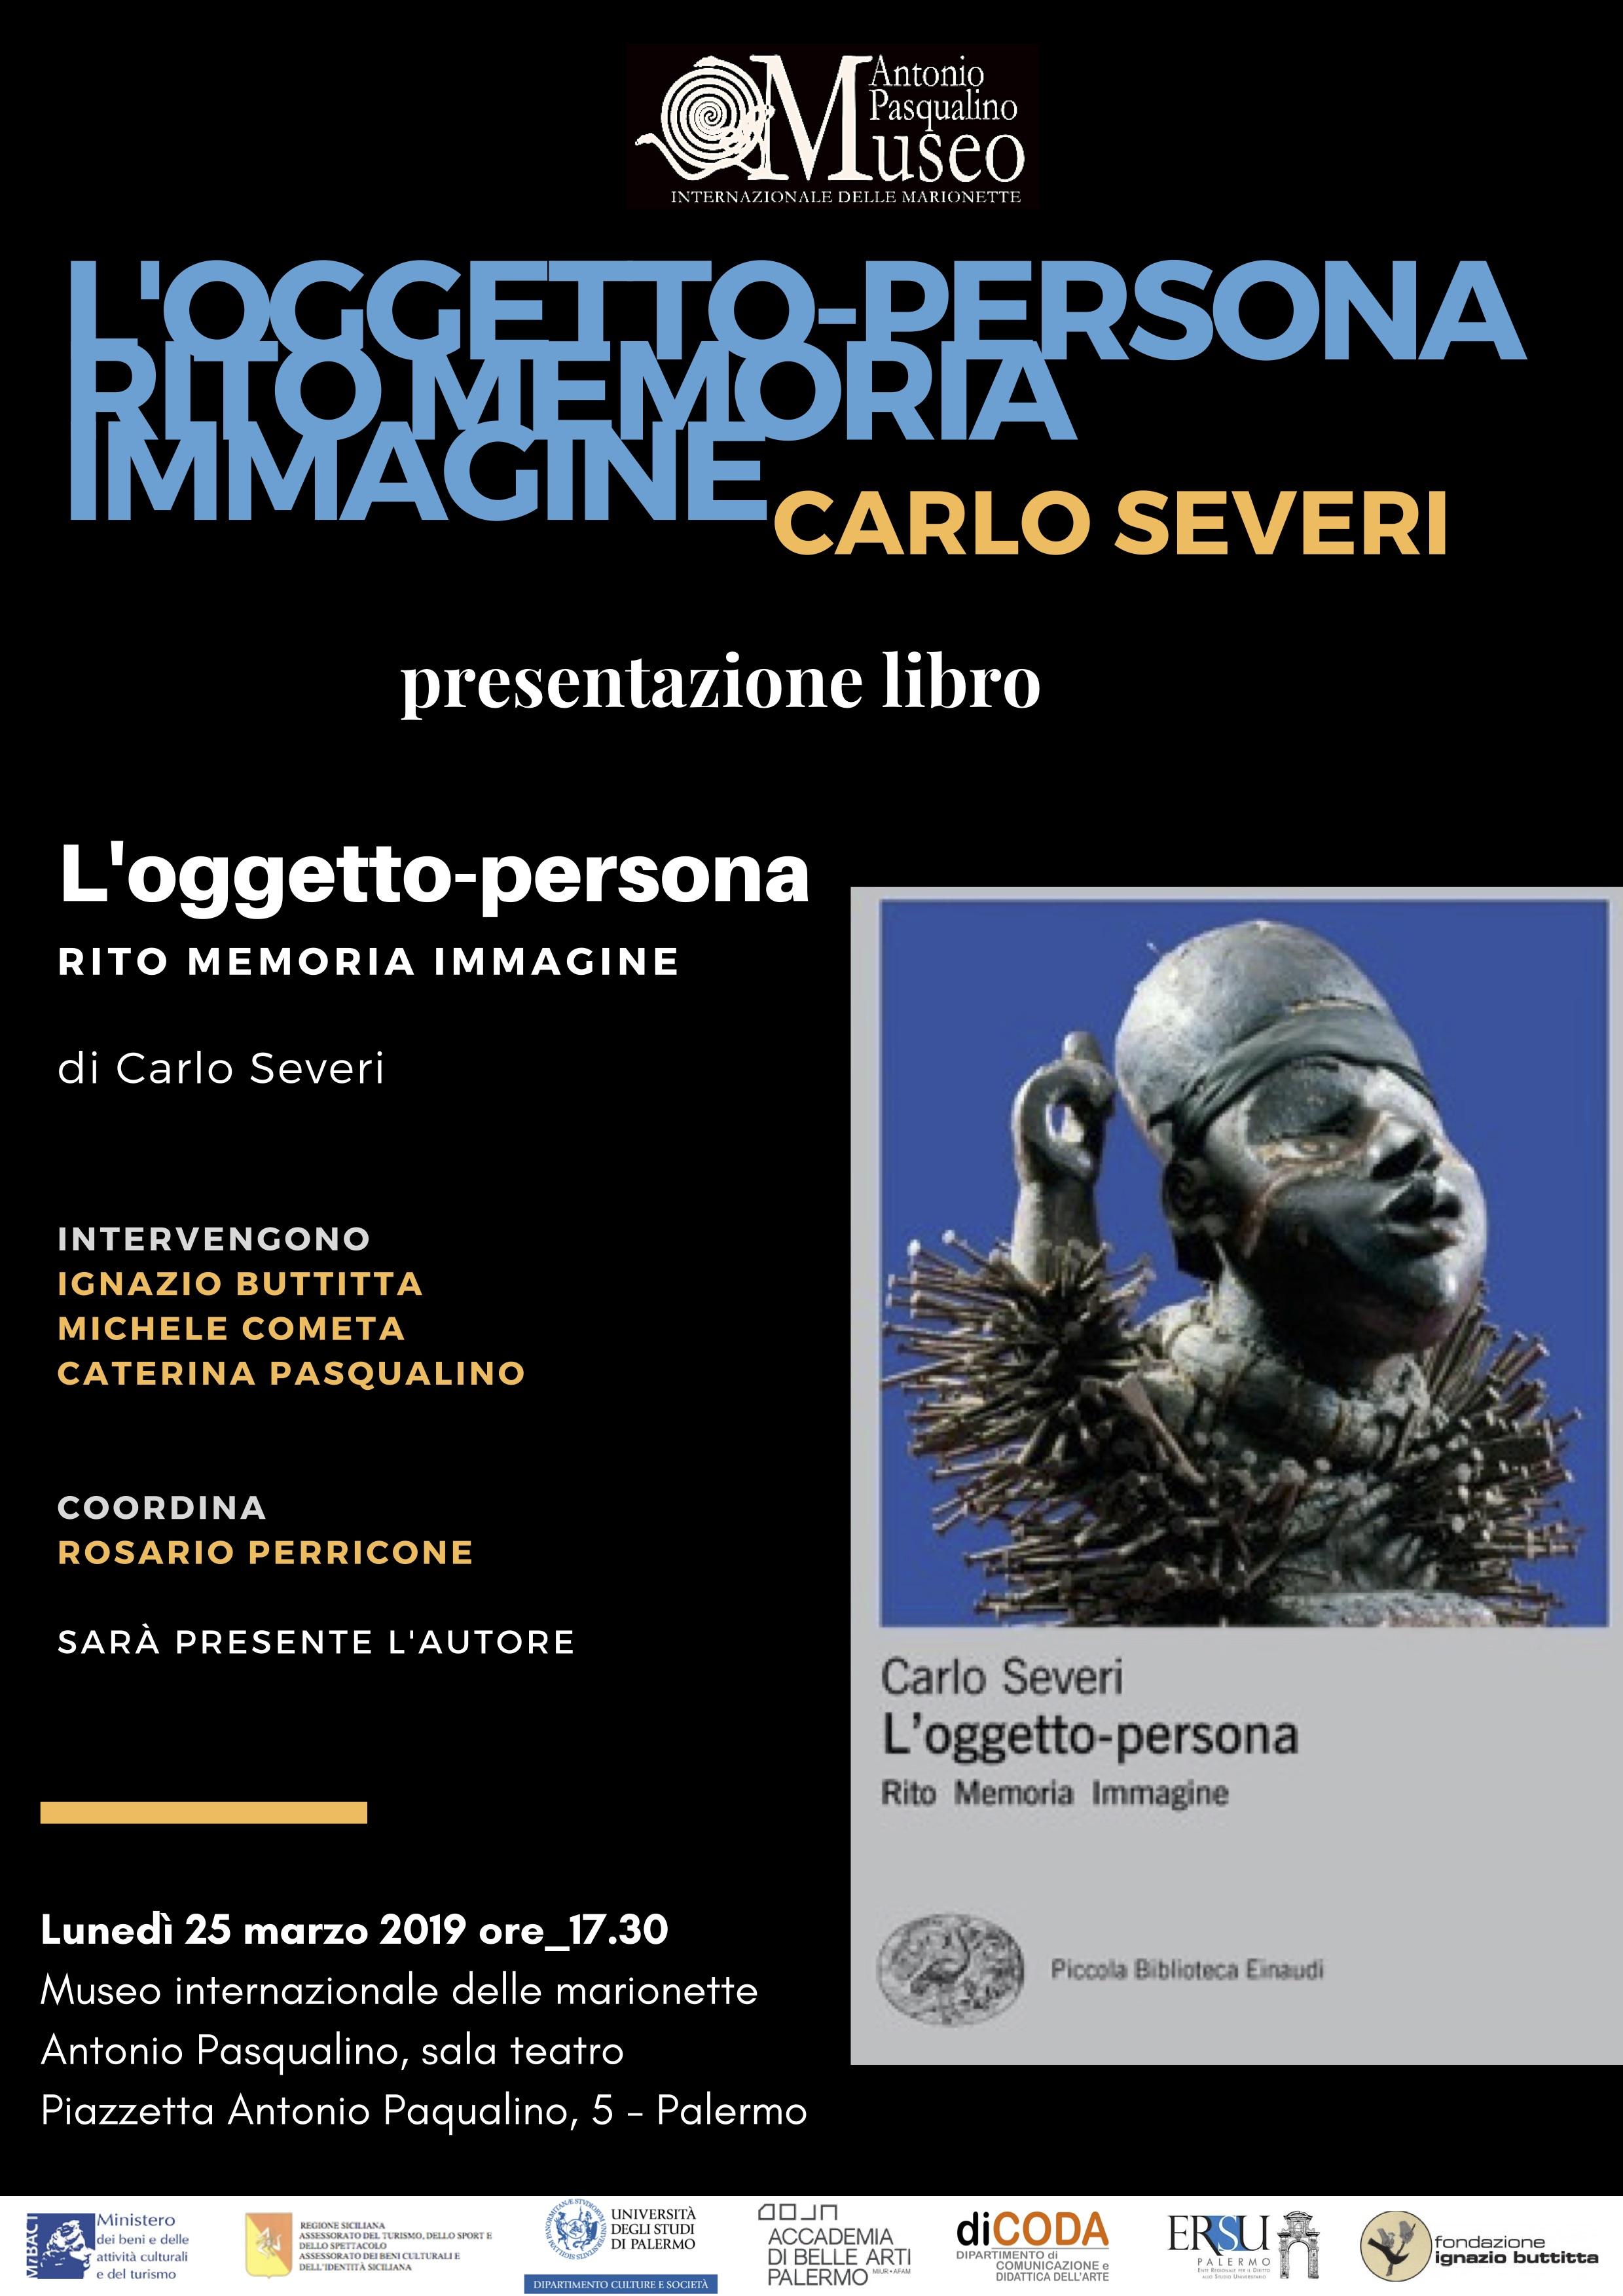 2019_Antropologia_della_memoria_Loggetto-persona.jpg - 904.84 kB